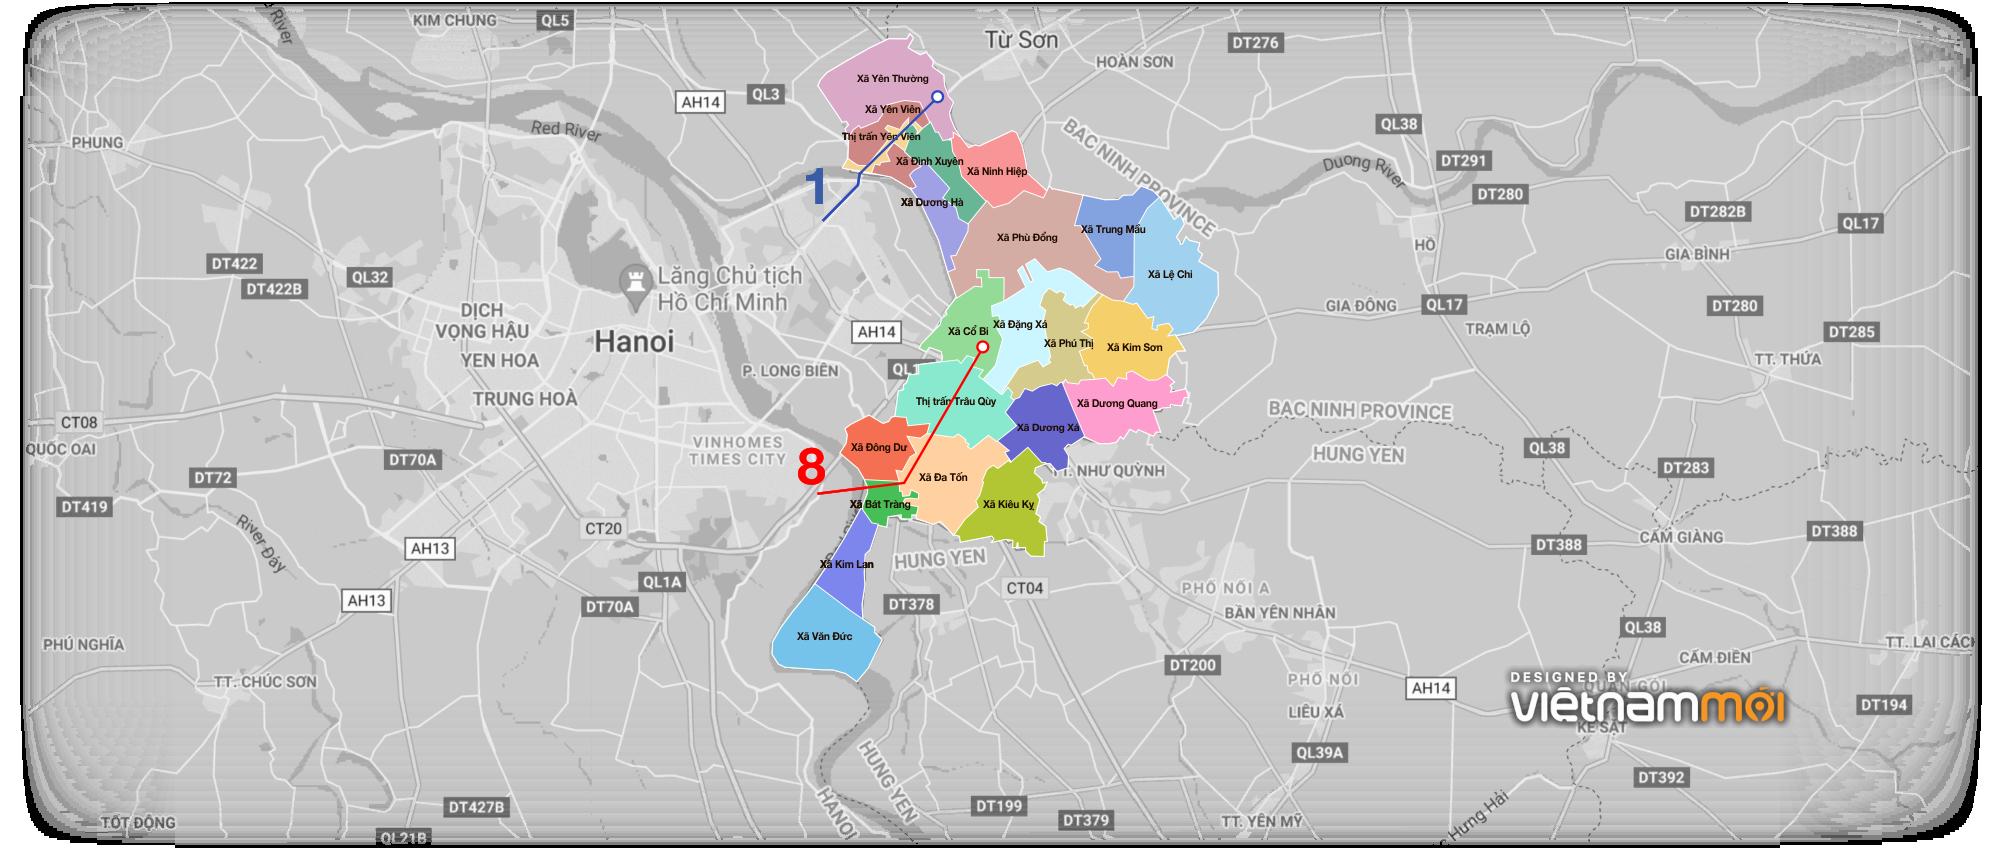 Loạt thông tin quy hoạch nên biết khi mua nhà đất tại Gia Lâm, Hà Nội - Ảnh 10.